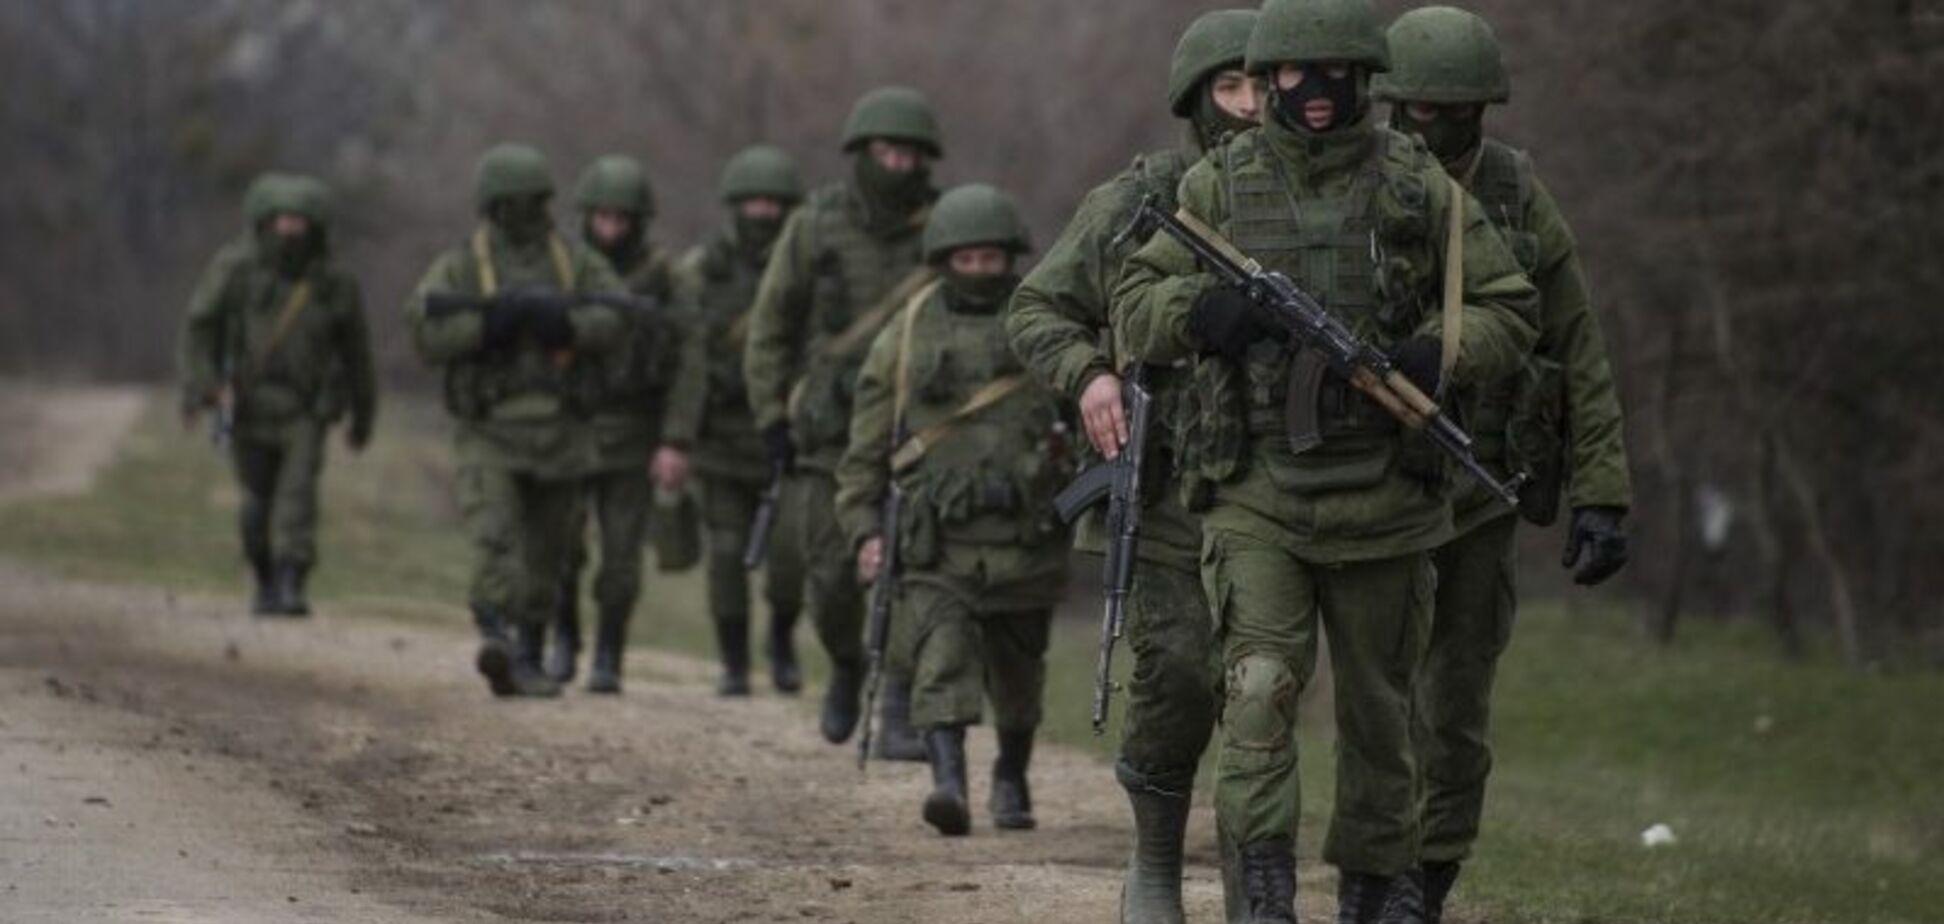 'Путин, введи войска!': как Кремль пытается 'защищать' соотечественников за рубежом